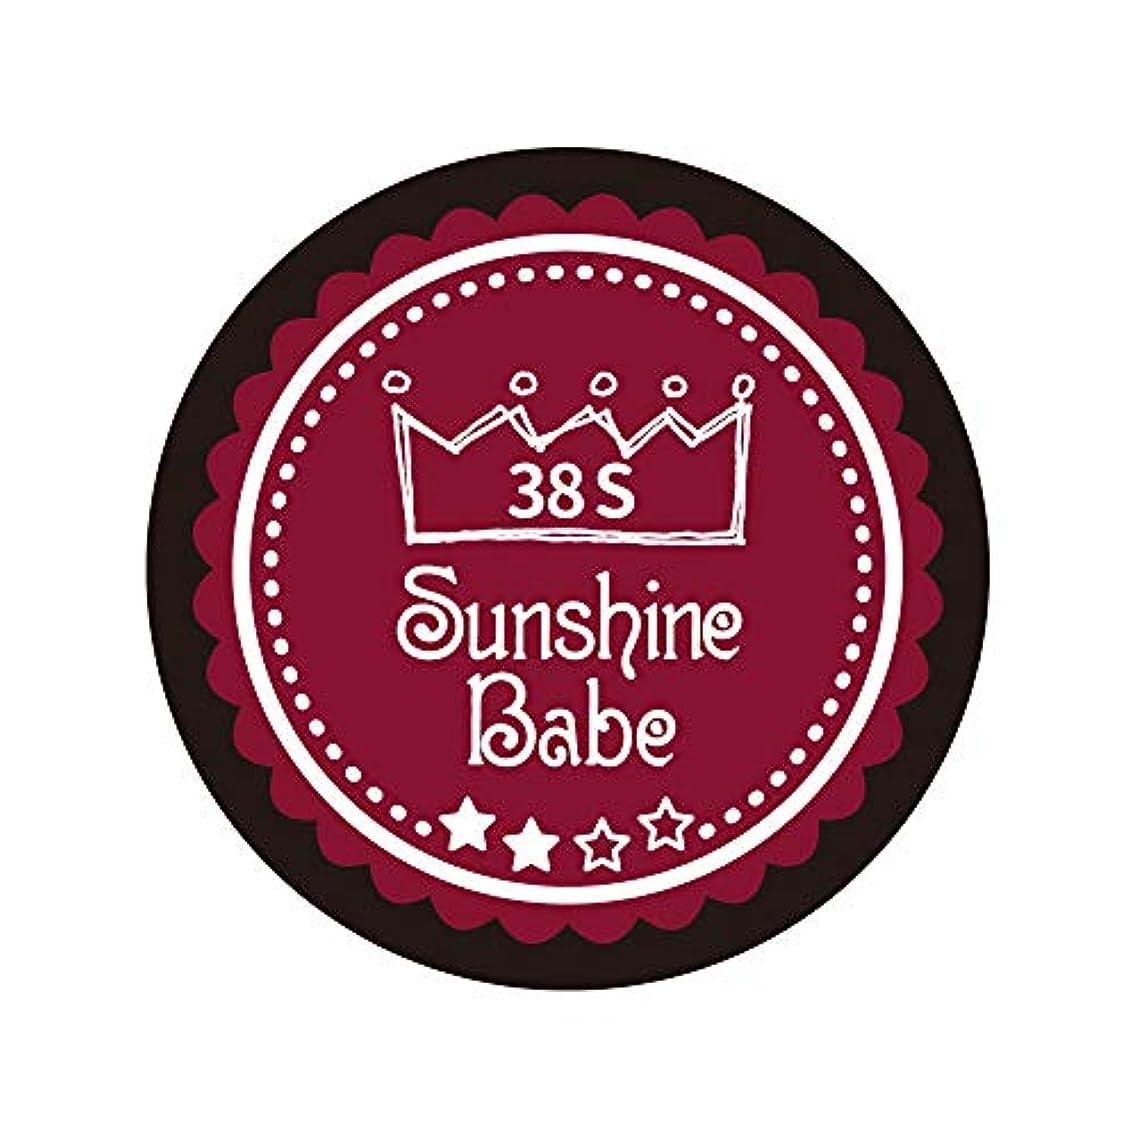 評論家満了平和Sunshine Babe カラージェル 38S レッドペア 4g UV/LED対応